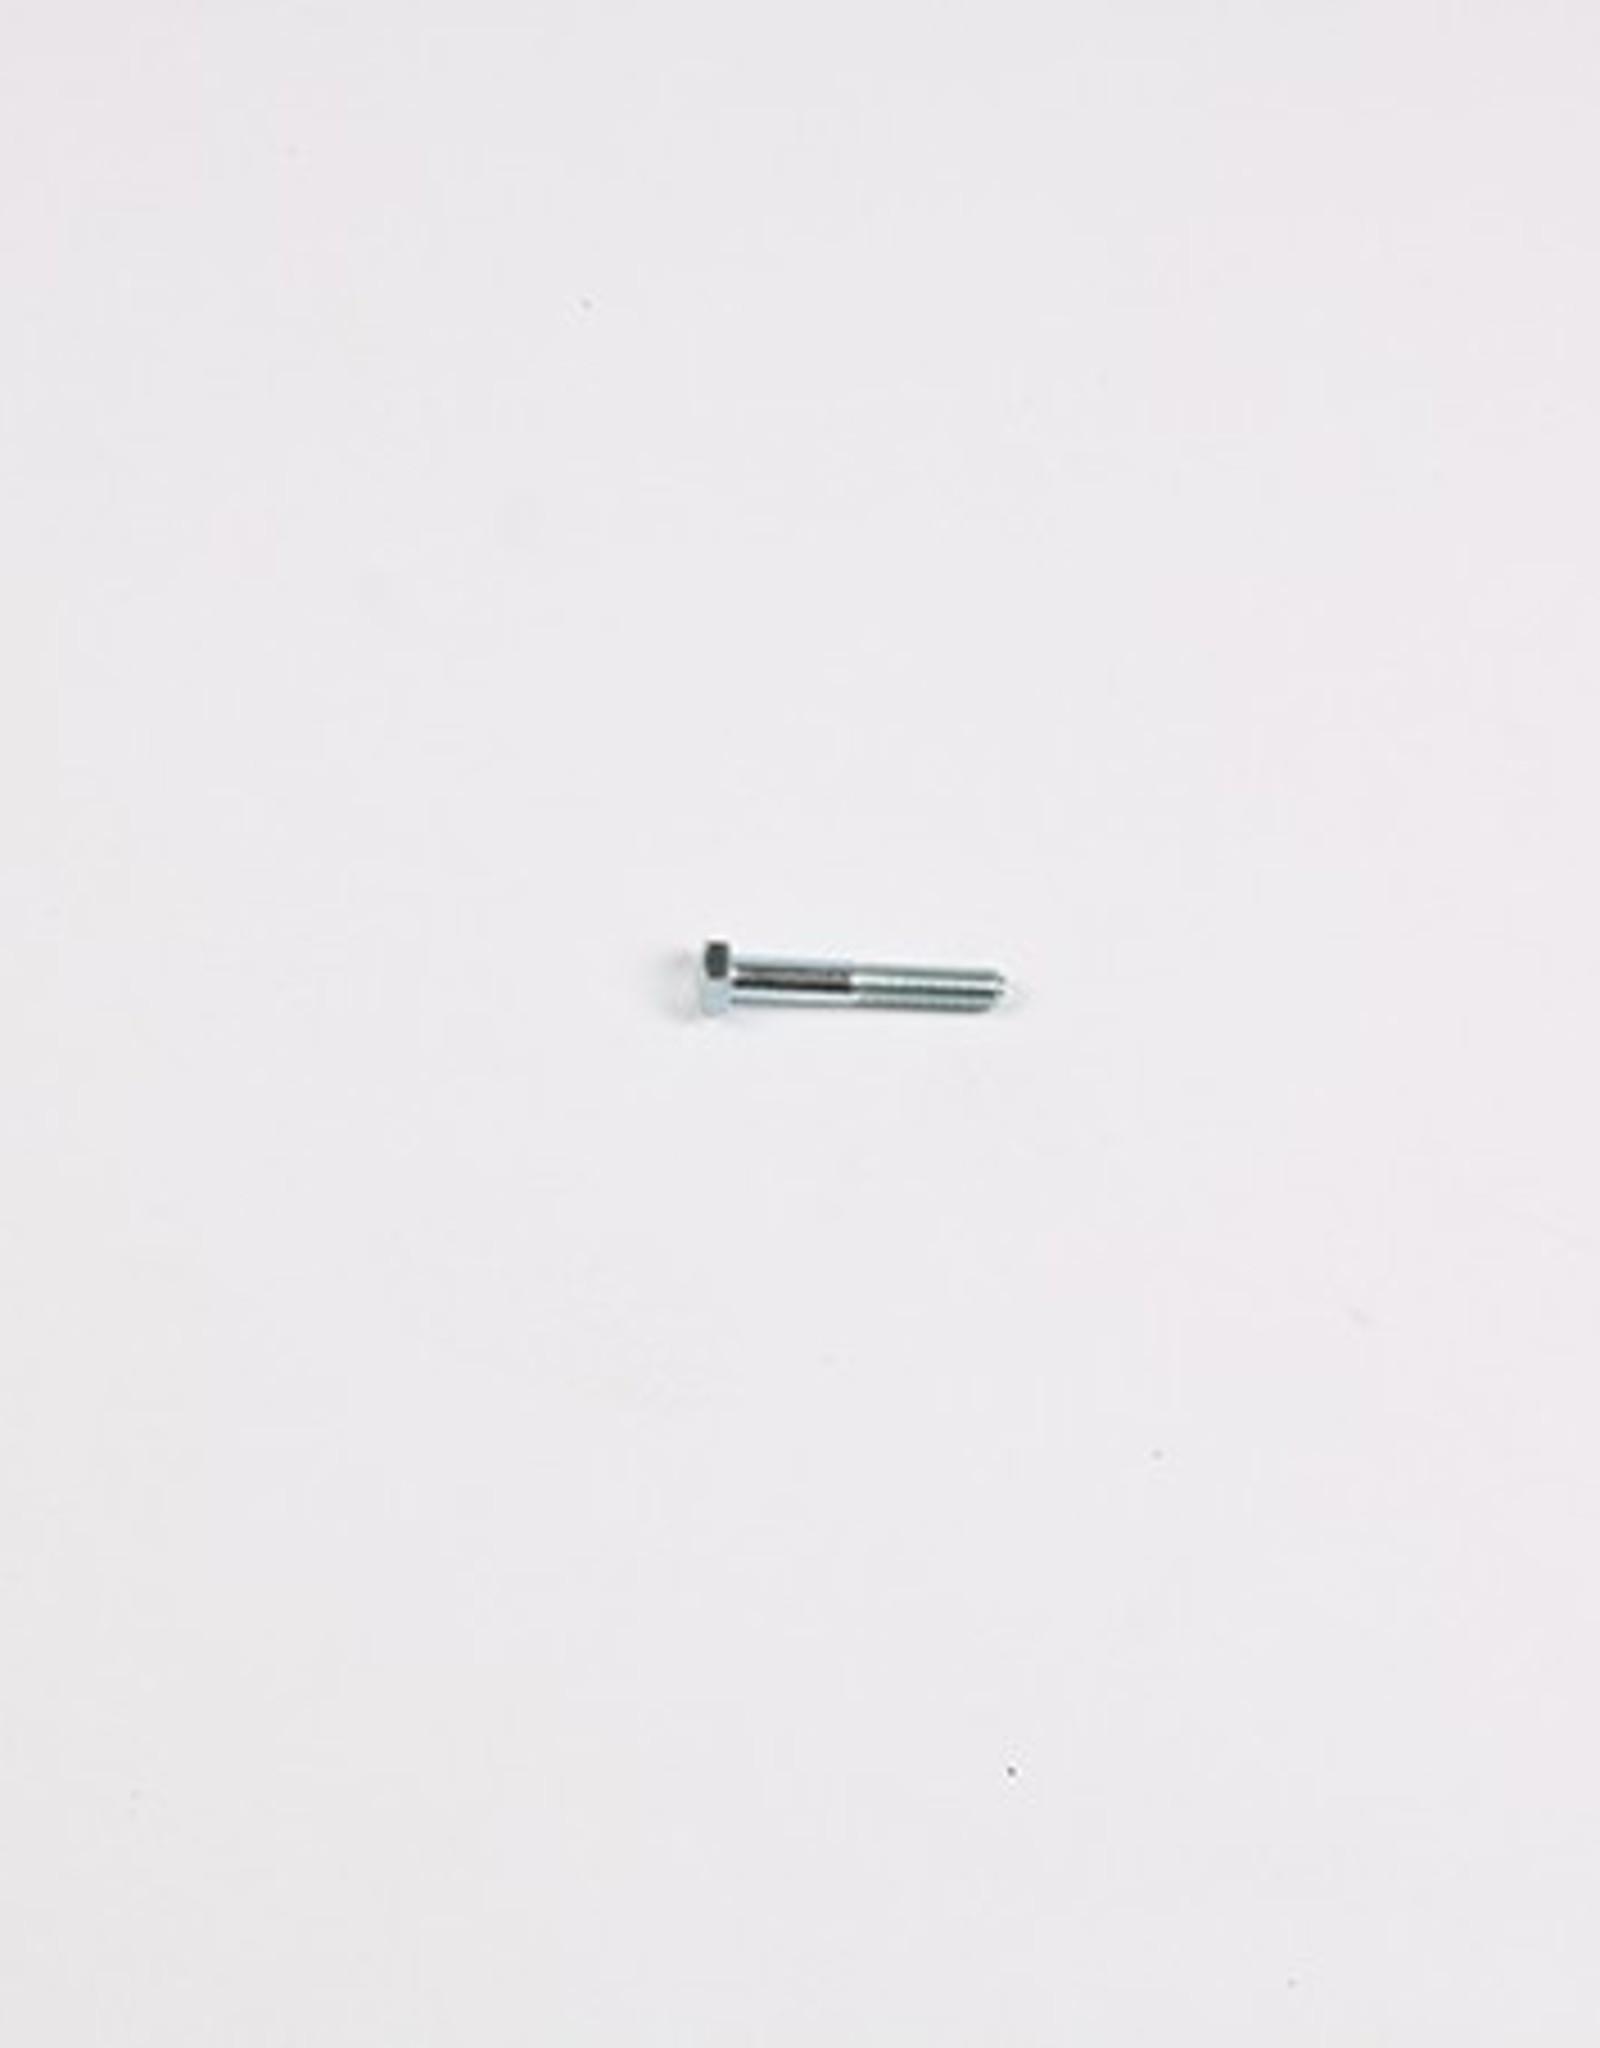 NUMATIC Bout 8x50mm t.b.v. Steel TT(B) 345